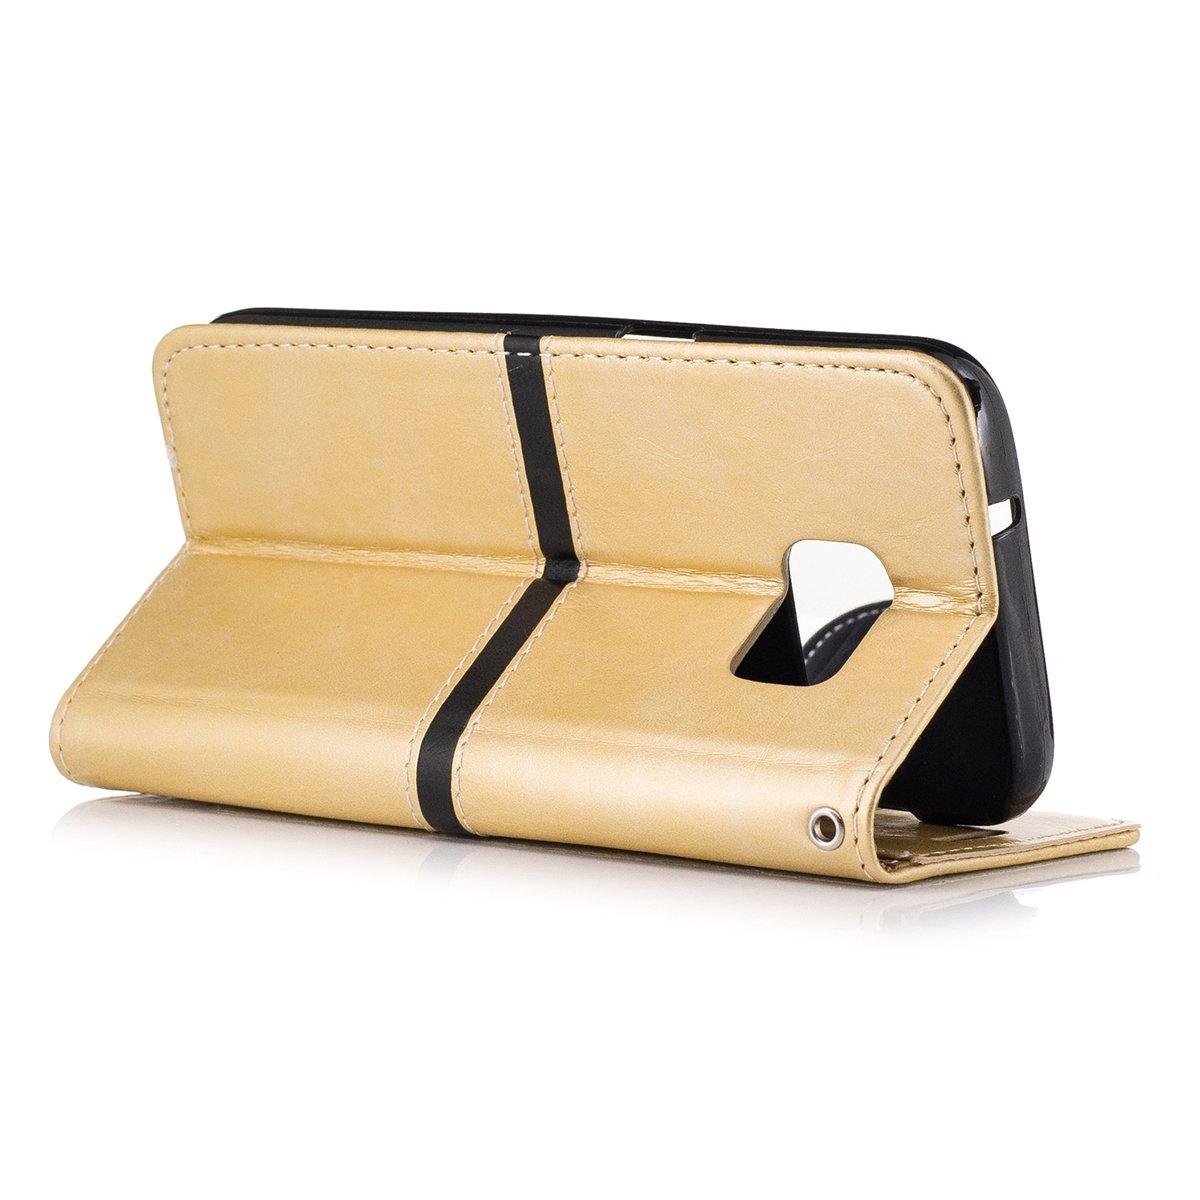 /Étui Samsung Galaxy S7 scheam livre Flip Coque /Étui portefeuille Premium PU Housse en cuir B/équille Feature /Étui de protection pour samsung galaxy S7/Golden Golden Support pour slot pour cartes